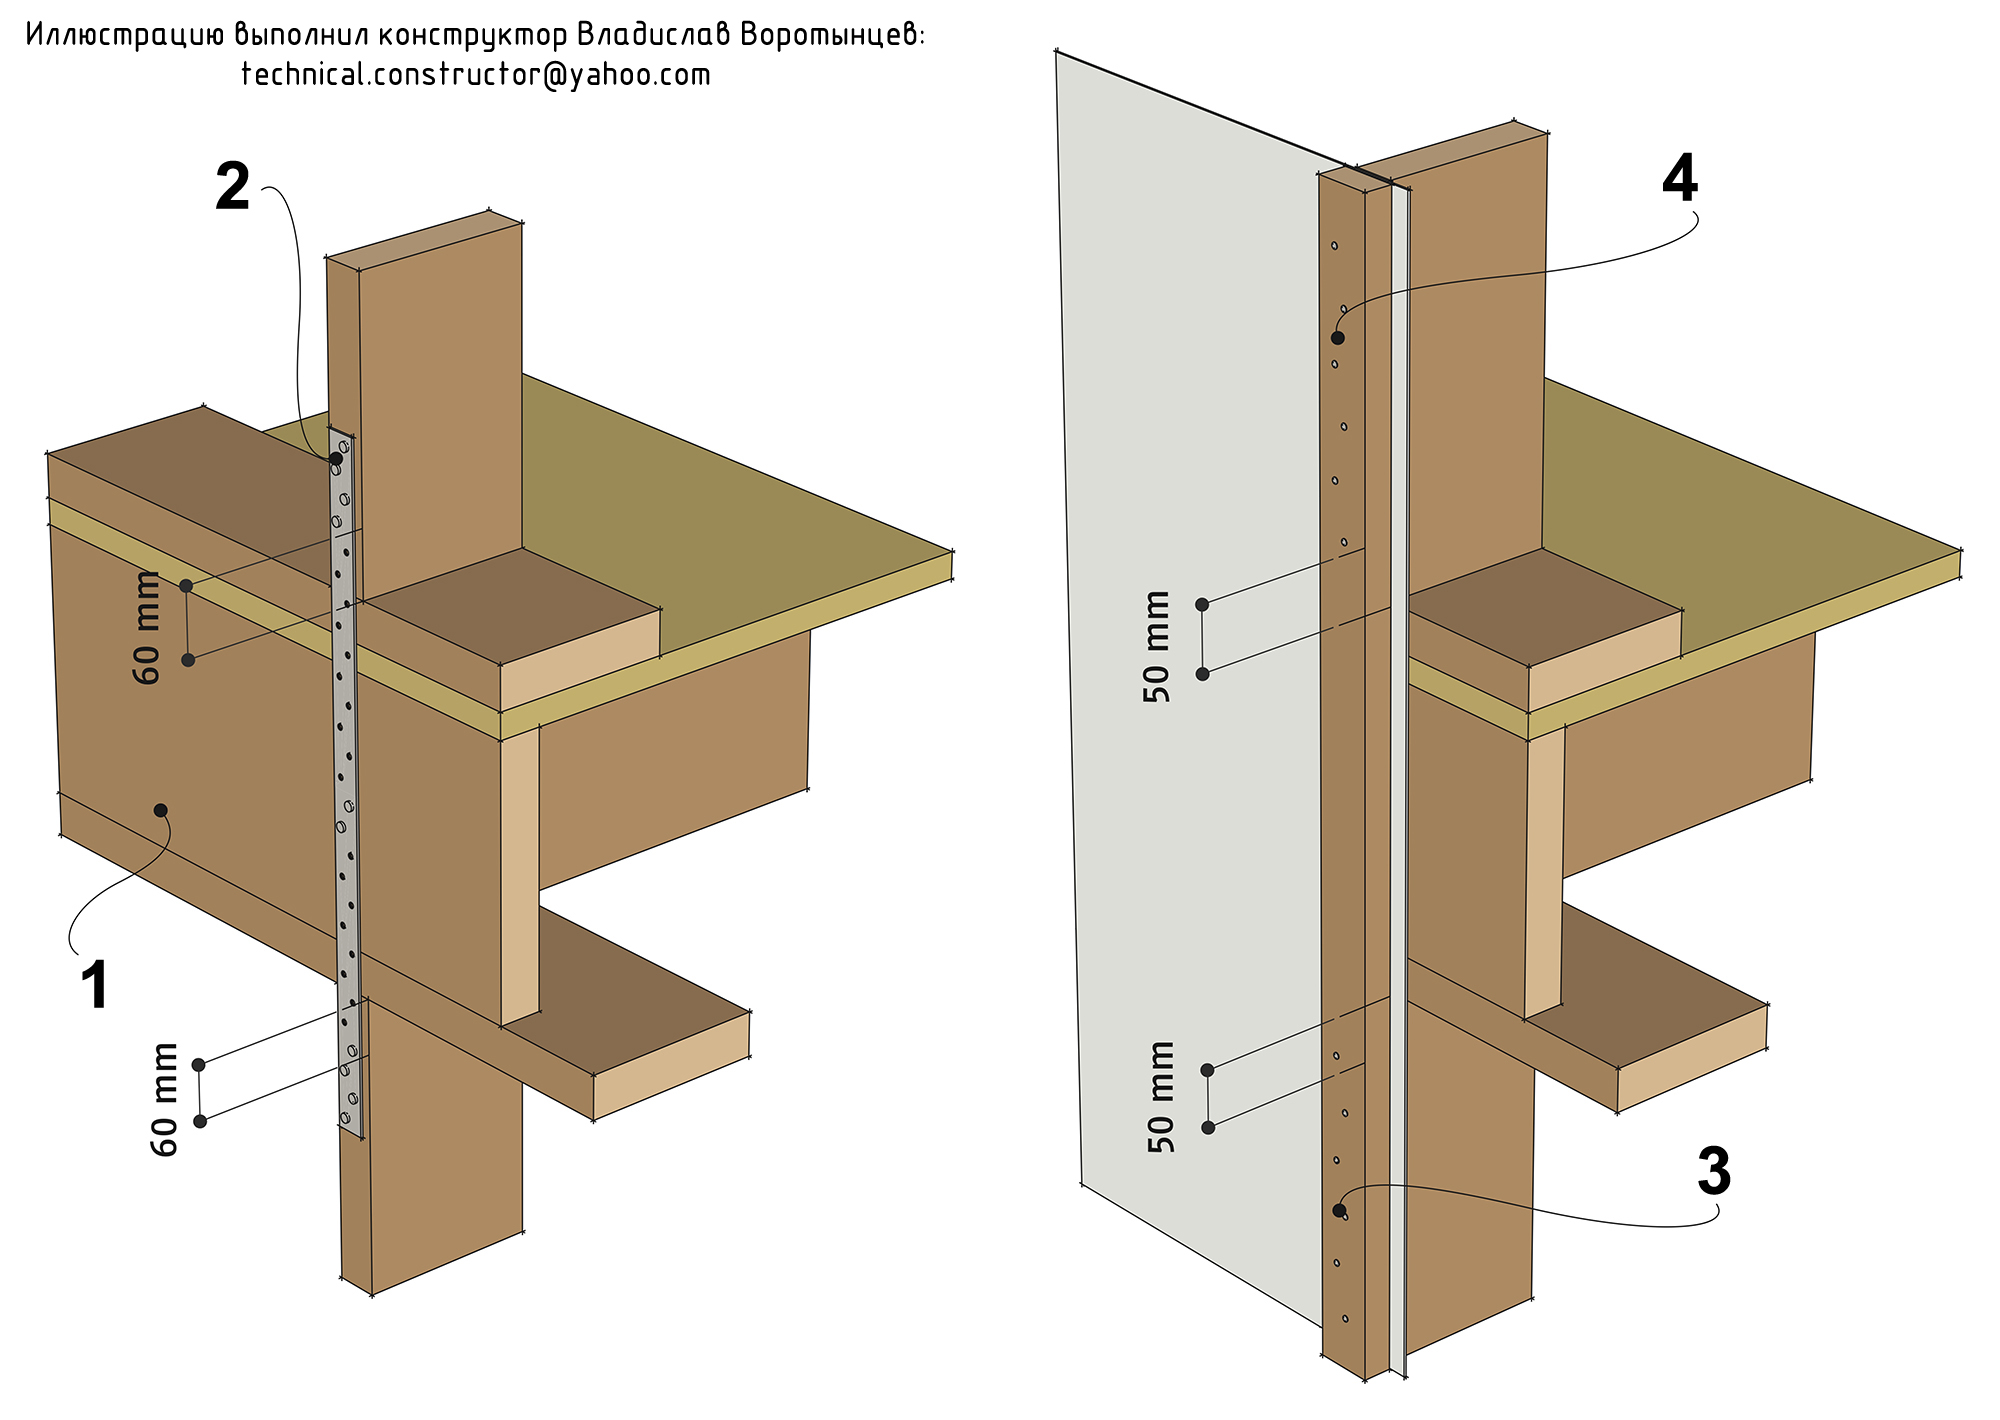 Рис. 9.36 Анкеровка деревянных каркасных стен к междуэтажному перекрытию с помощью стальных перфорированных лент и деревянных реек. Анкеровка деревянных каркасных стен к каркасу междуэтажного перекрытия